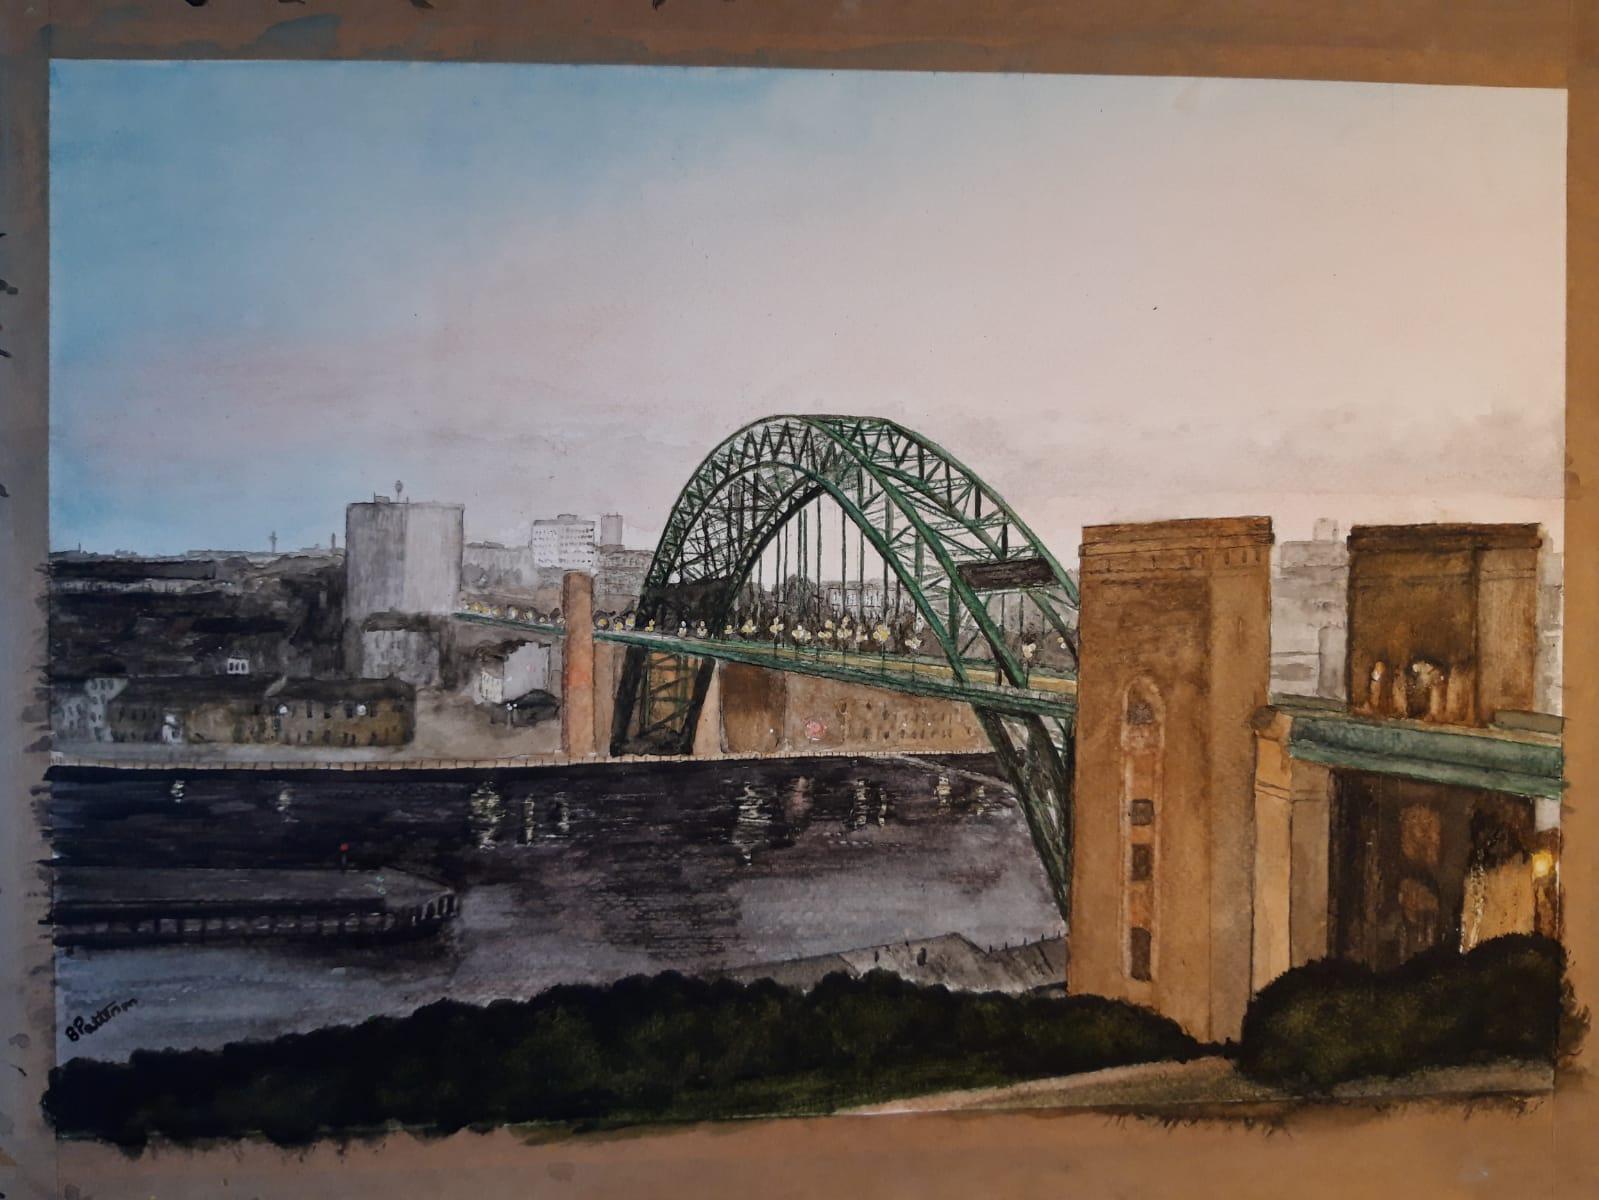 View of the Tyne Bridge